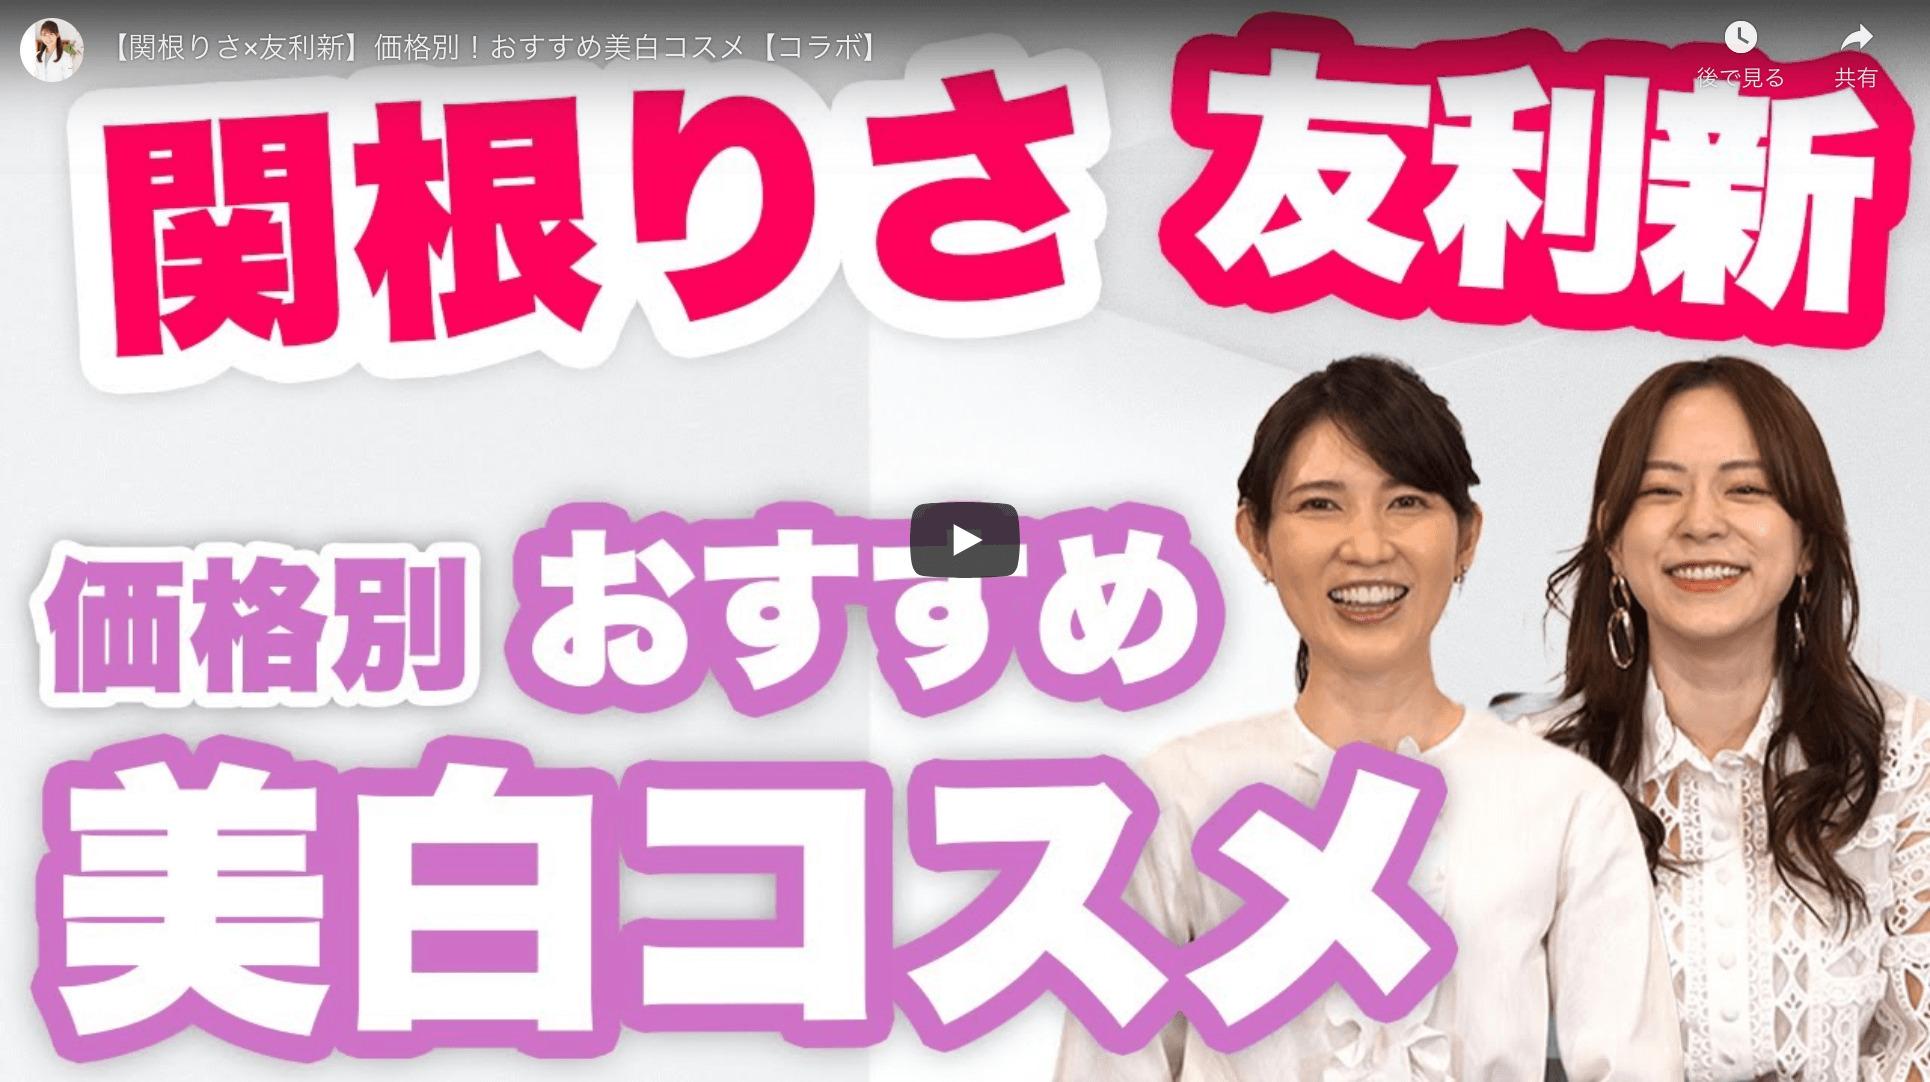 関根りささんと友利新さんが「価格別!おすすめ美白コスメ」を紹介!